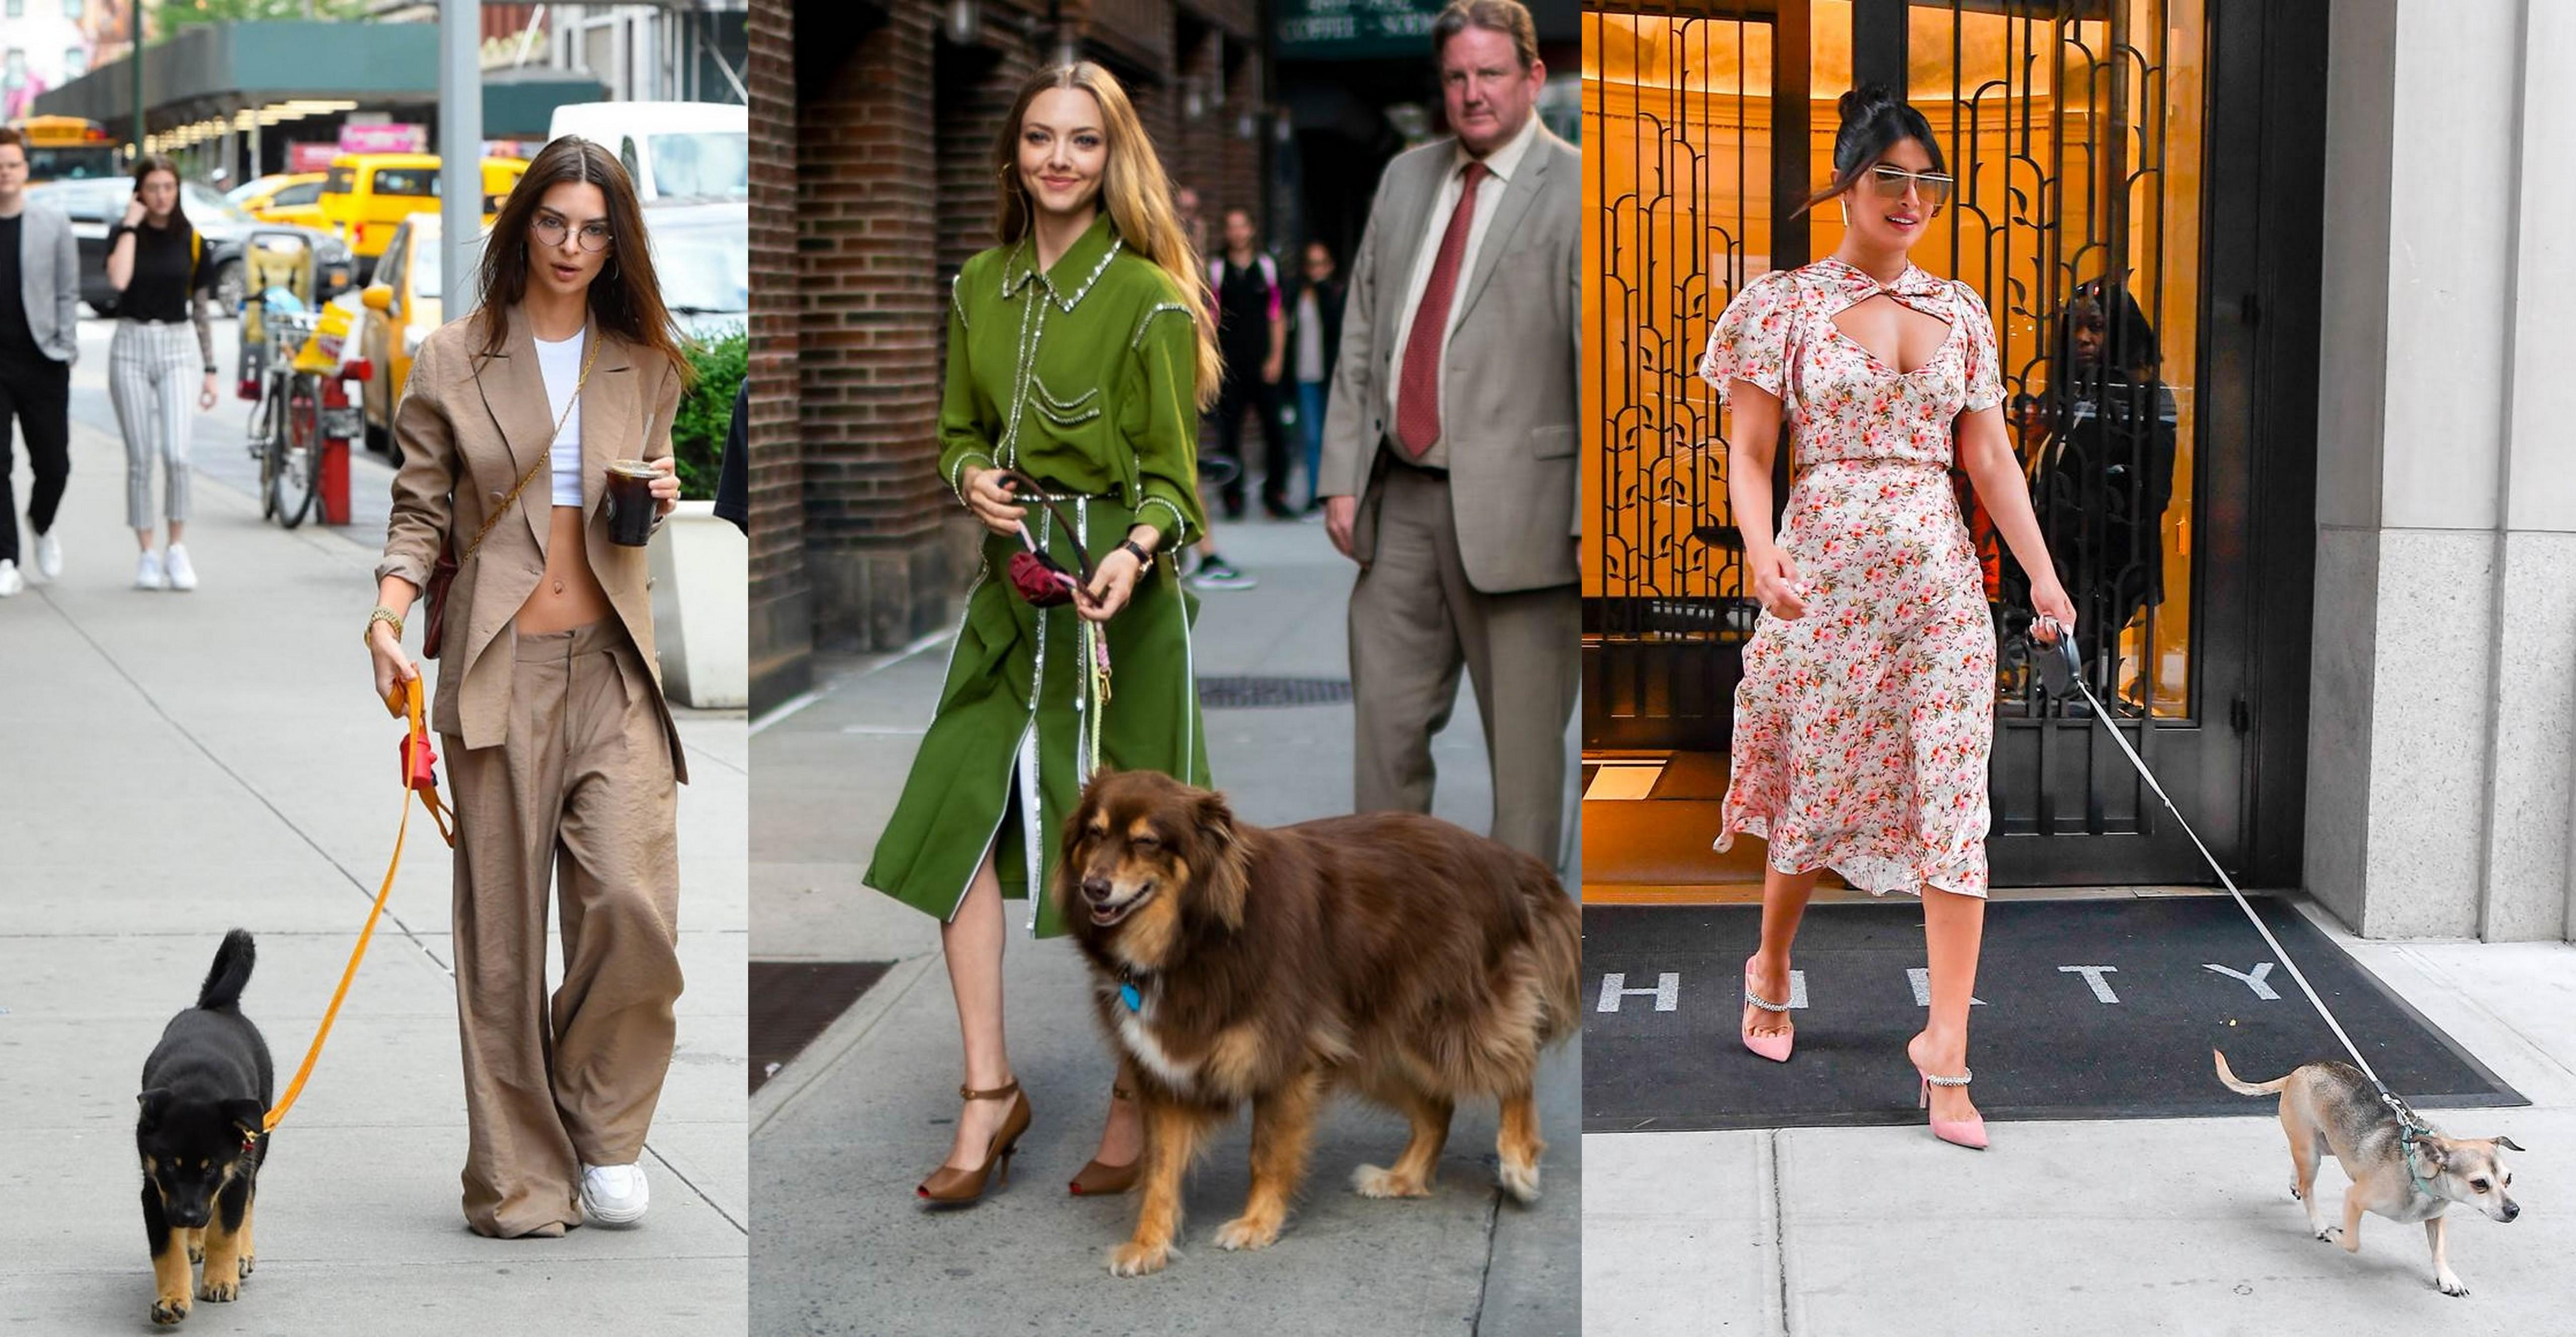 12 φορές που οι celebrities έκαναν τη βόλτα με τον σκύλο τρομακτικά in style